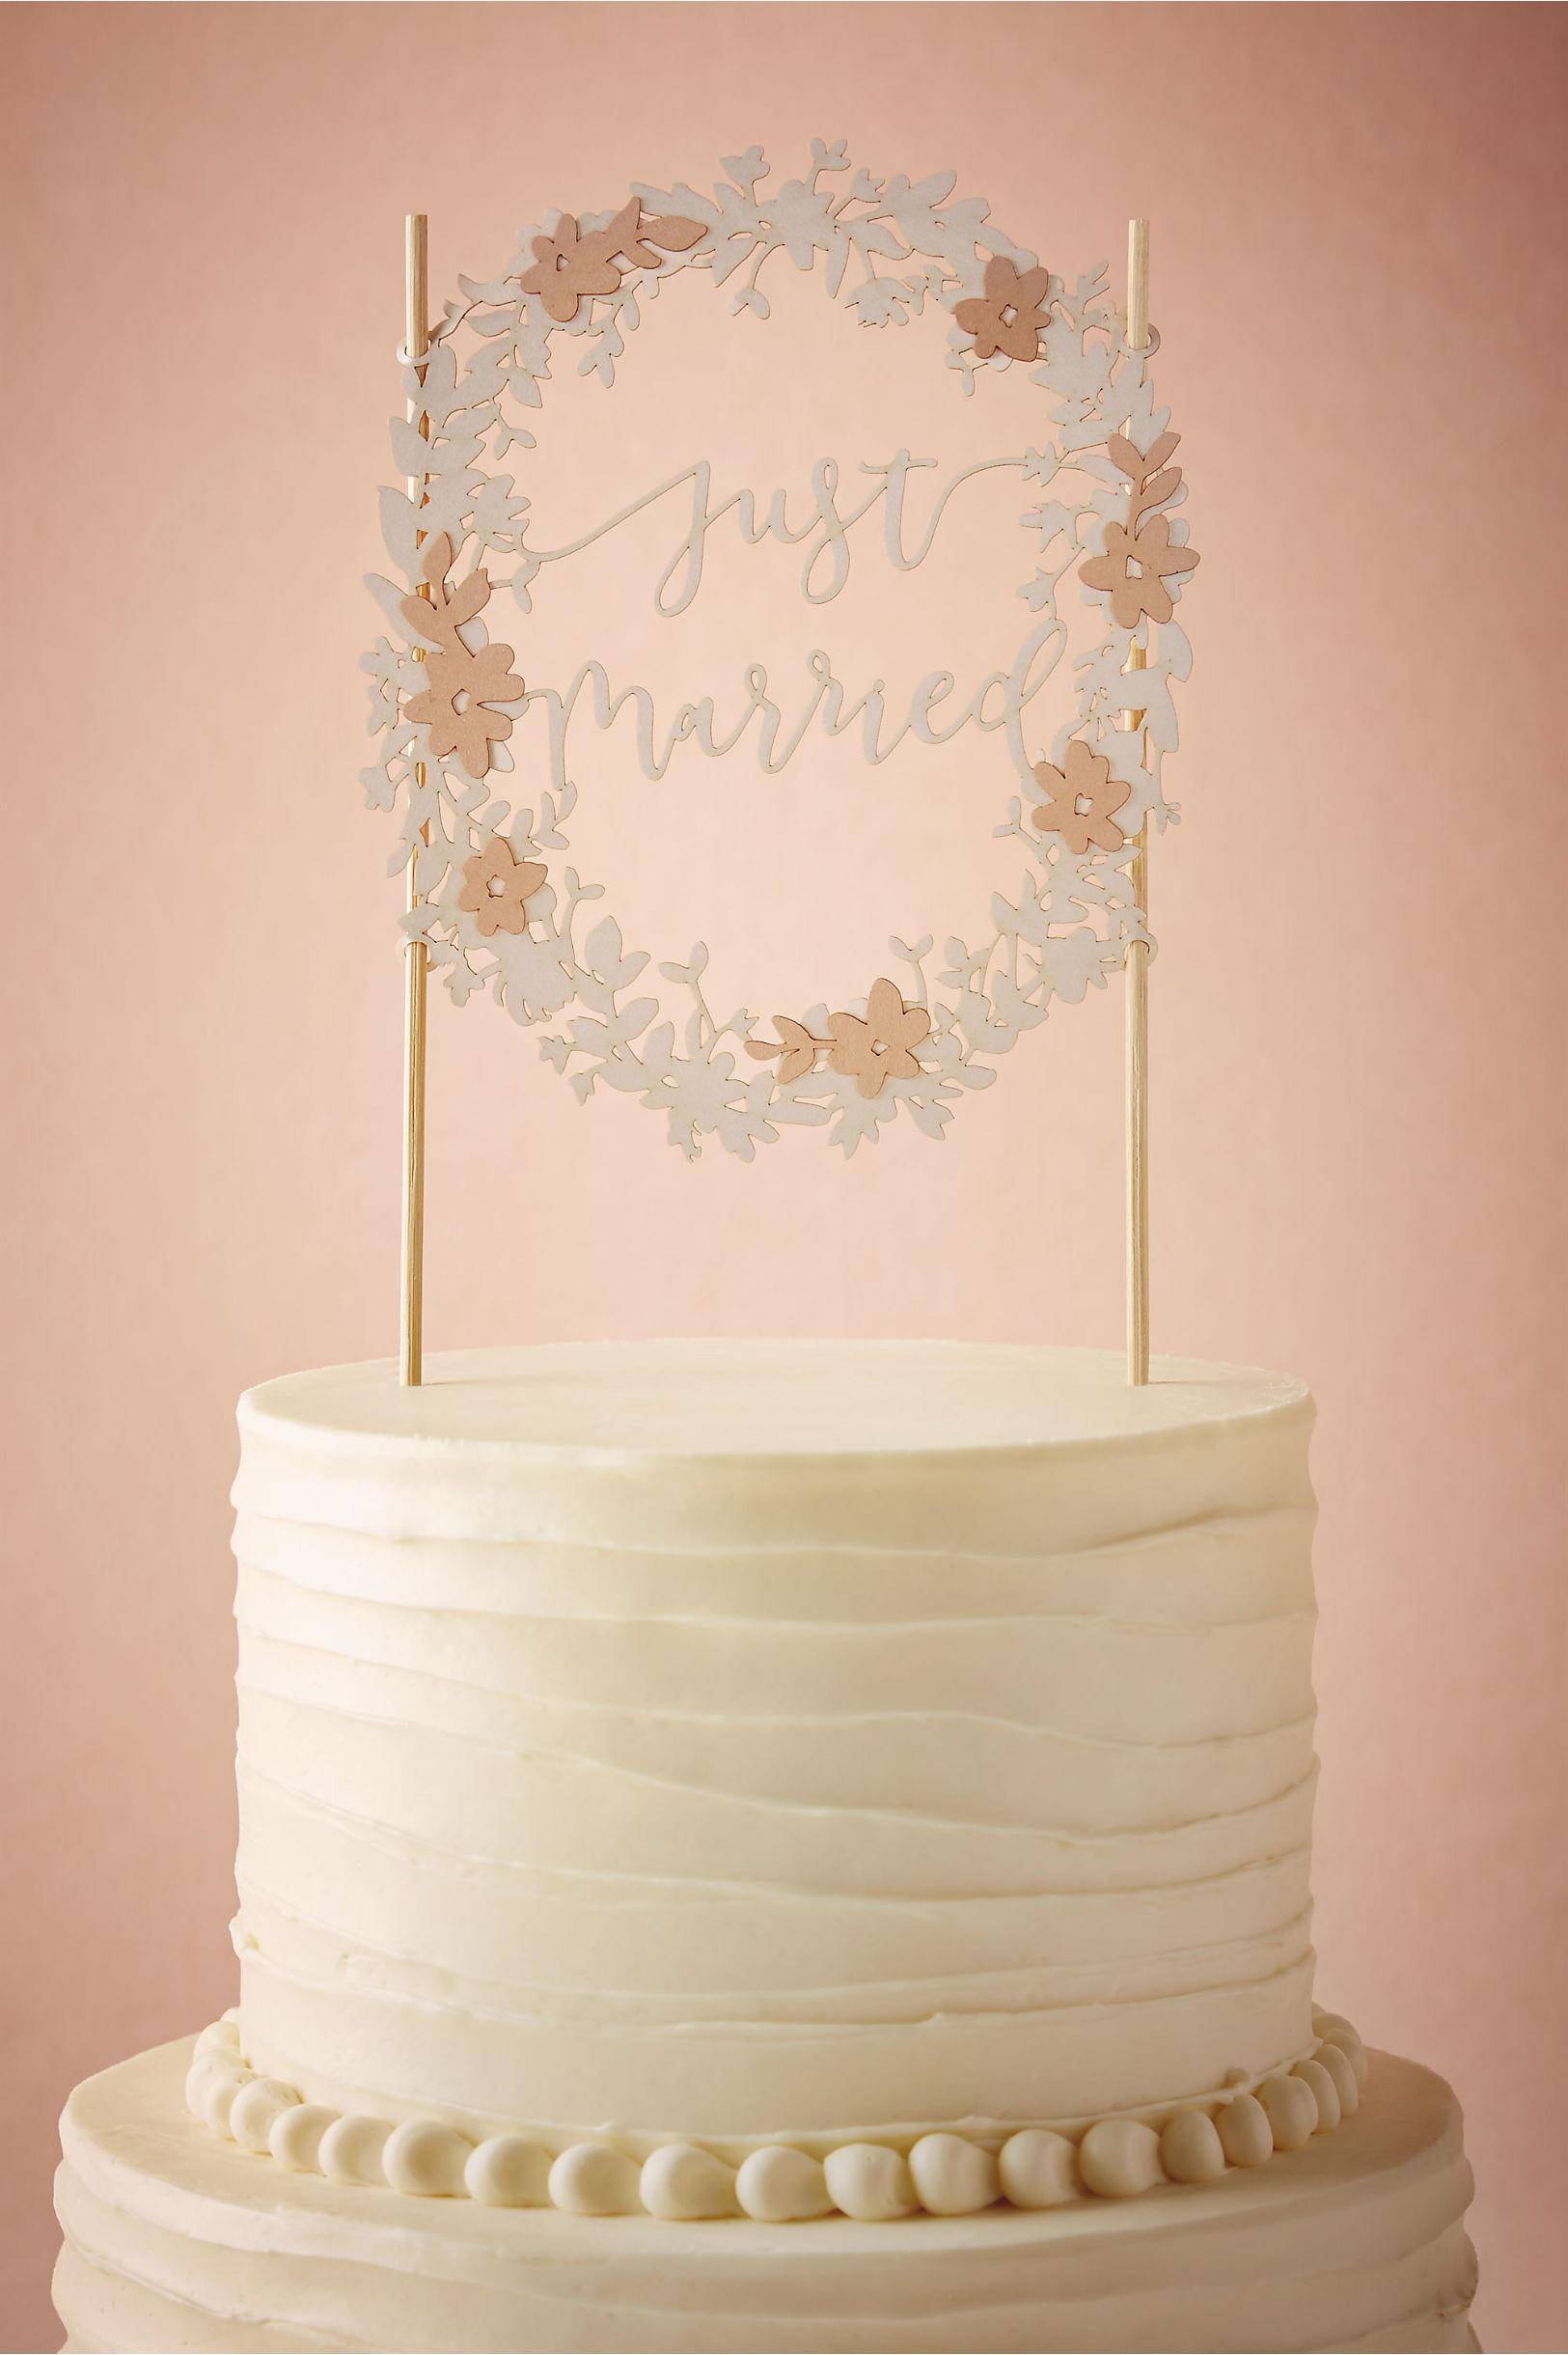 rose just married cake topper bhldn - Cake Decor